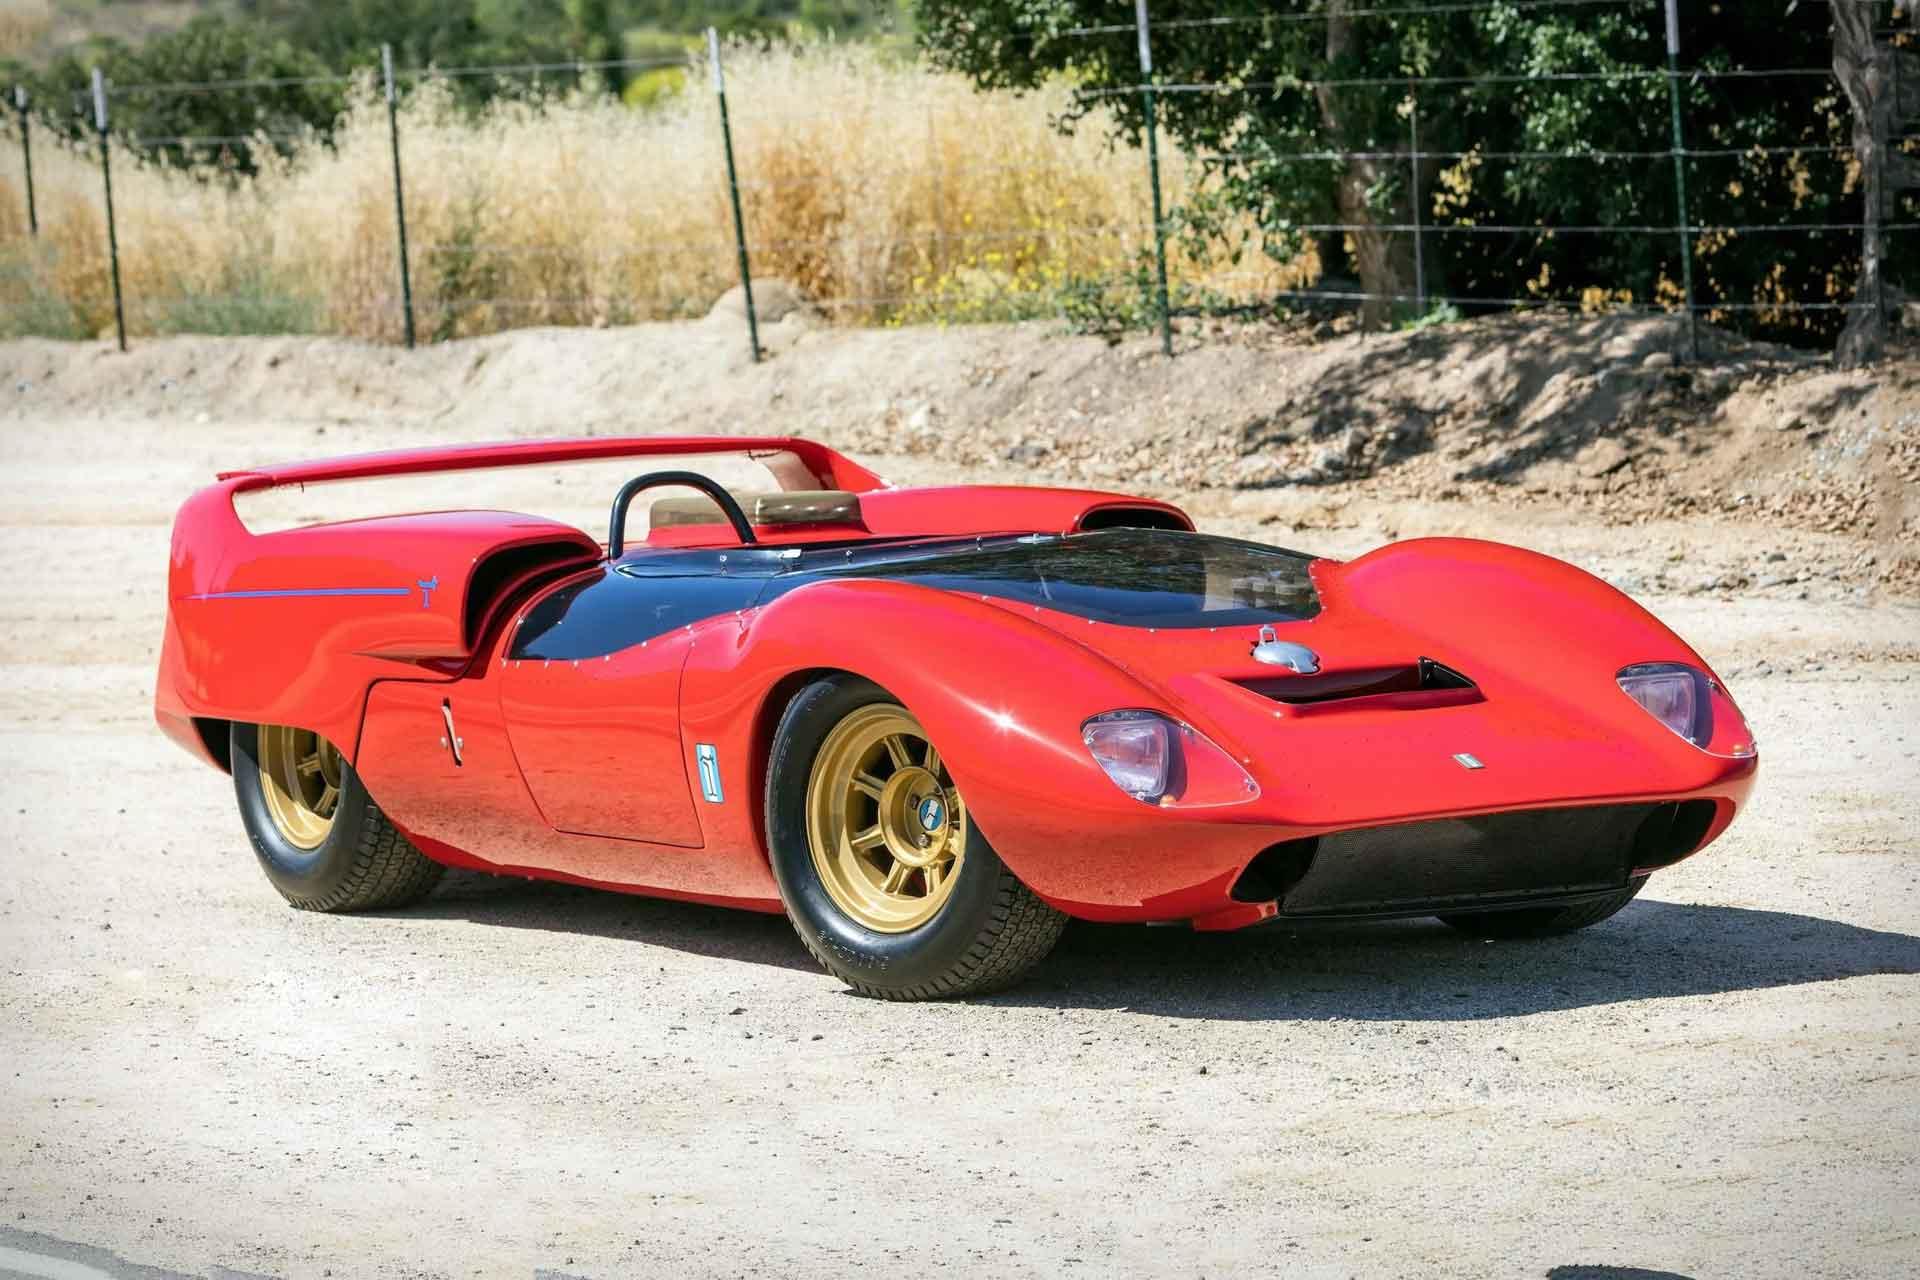 1965 Shelby / De Tomaso P70 Race Car